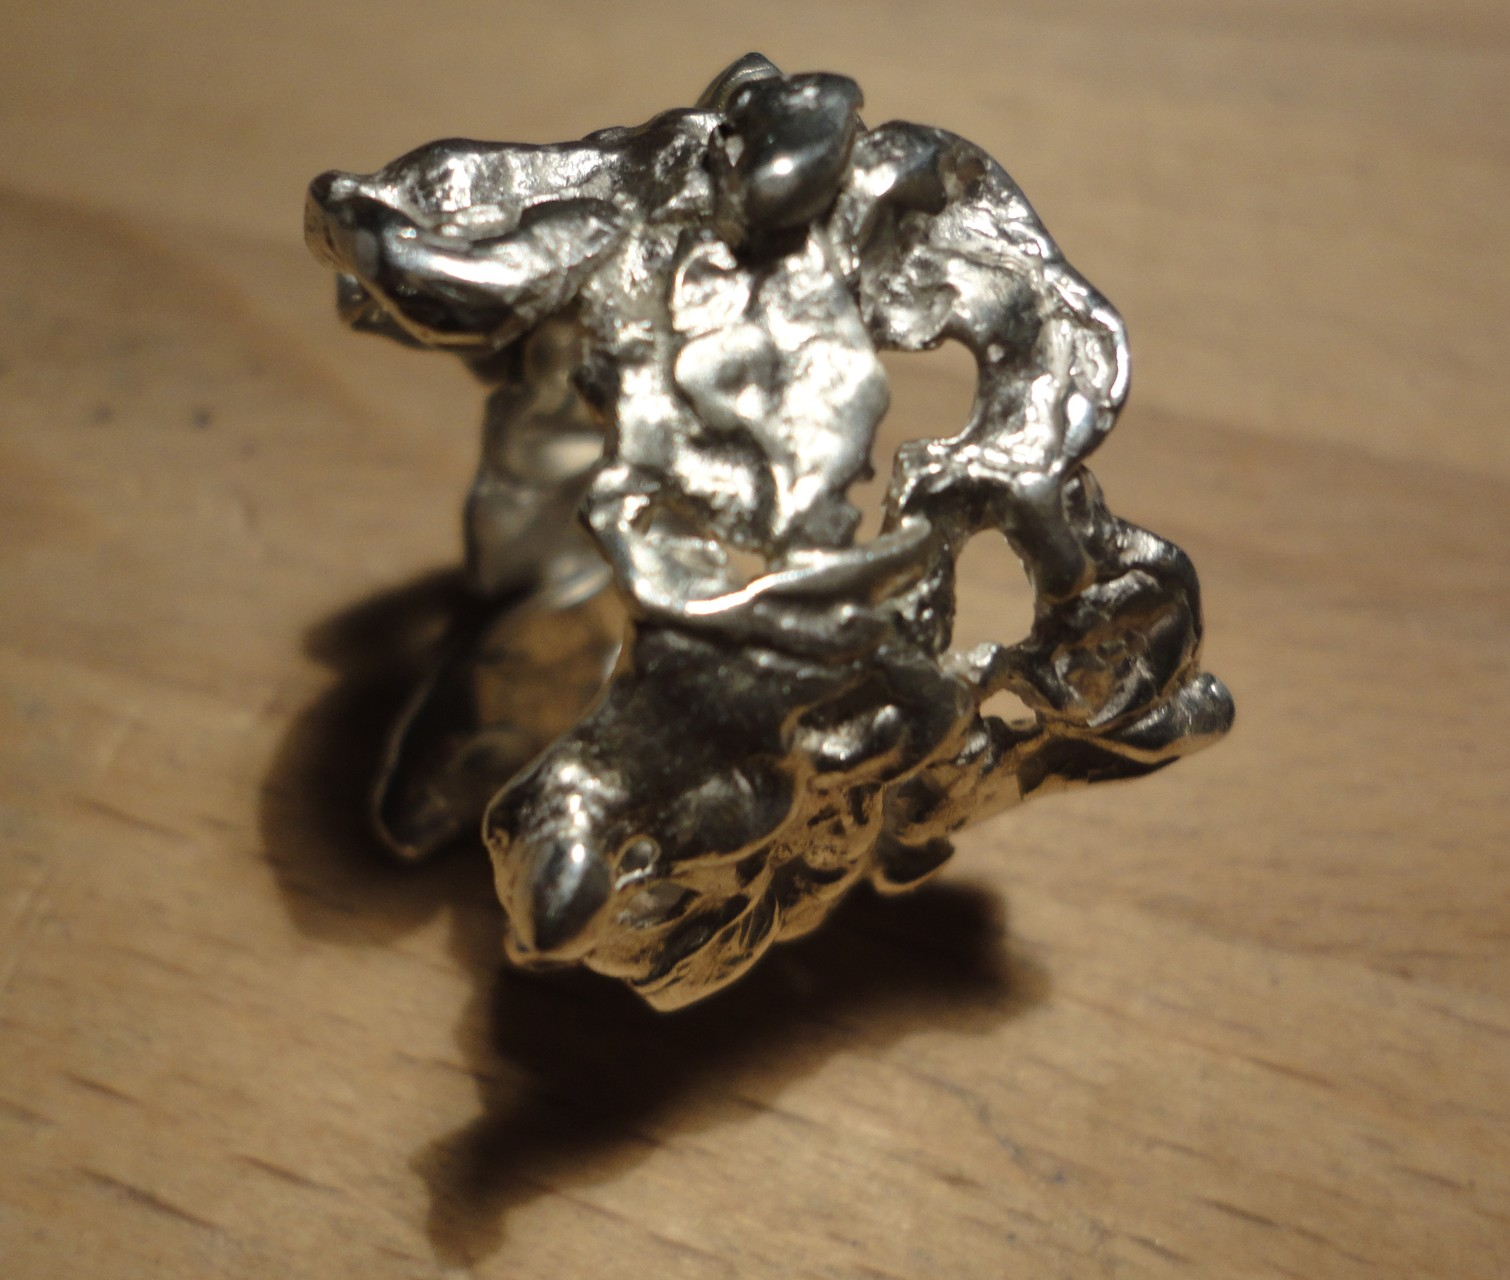 Silber-Nugget Ring (925 Sterlingsilber) Preis: CHF 350.-